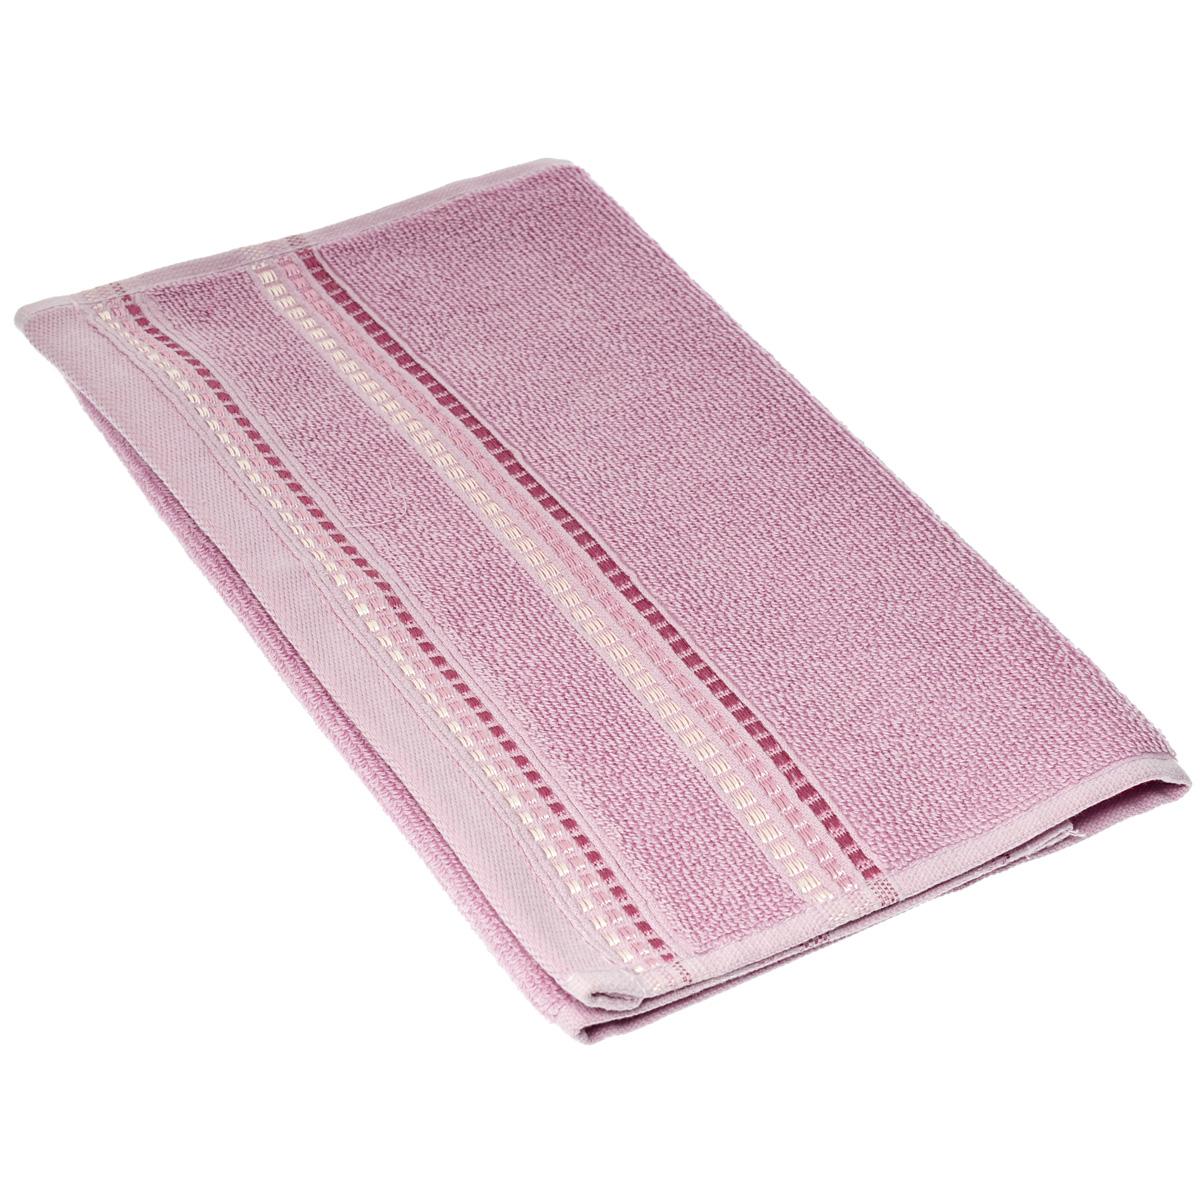 Полотенце махровое Coronet Пиано, цвет: сиреневый, 30 см х 50 см1004900000360Махровое полотенце Coronet Пиано, изготовленное из натурального хлопка, подарит массу положительных эмоций и приятных ощущений. Полотенце отличается нежностью и мягкостью материала, утонченным дизайном и превосходным качеством. Оно прекрасно впитывает влагу, быстро сохнет и не теряет своих свойств после многократных стирок. Махровое полотенце Coronet Пиано станет достойным выбором для вас и приятным подарком для ваших близких. Мягкость и высокое качество материала, из которого изготовлены полотенца не оставит вас равнодушными.